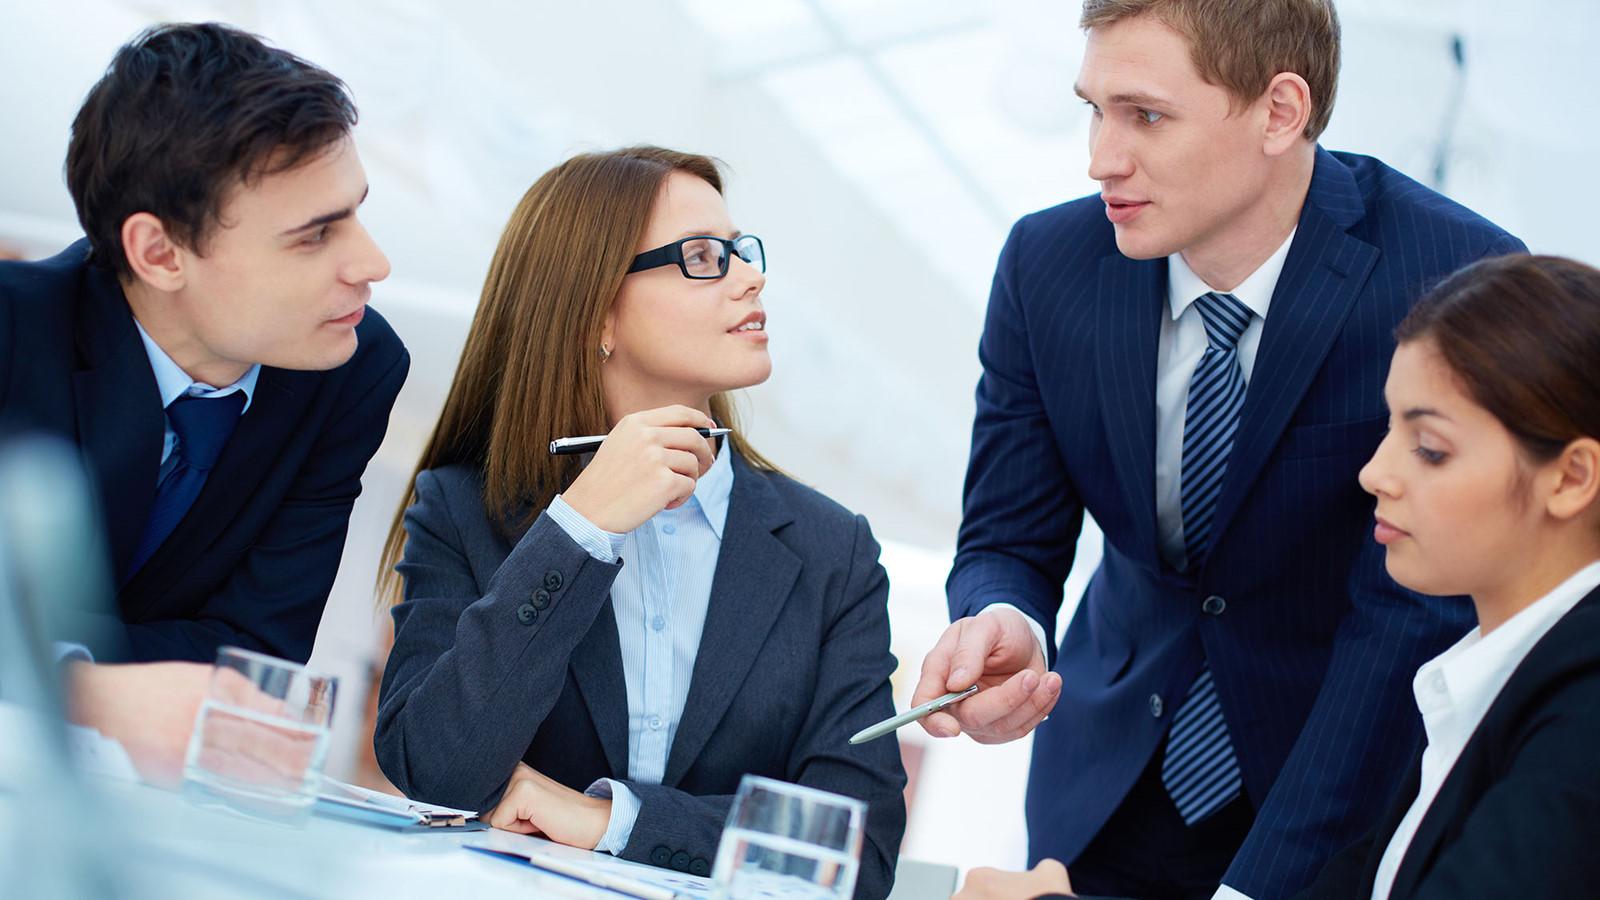 h%C3%ACnh 6 - Rèn luyện kỹ năng quan sát trong công việc để thành công hơn